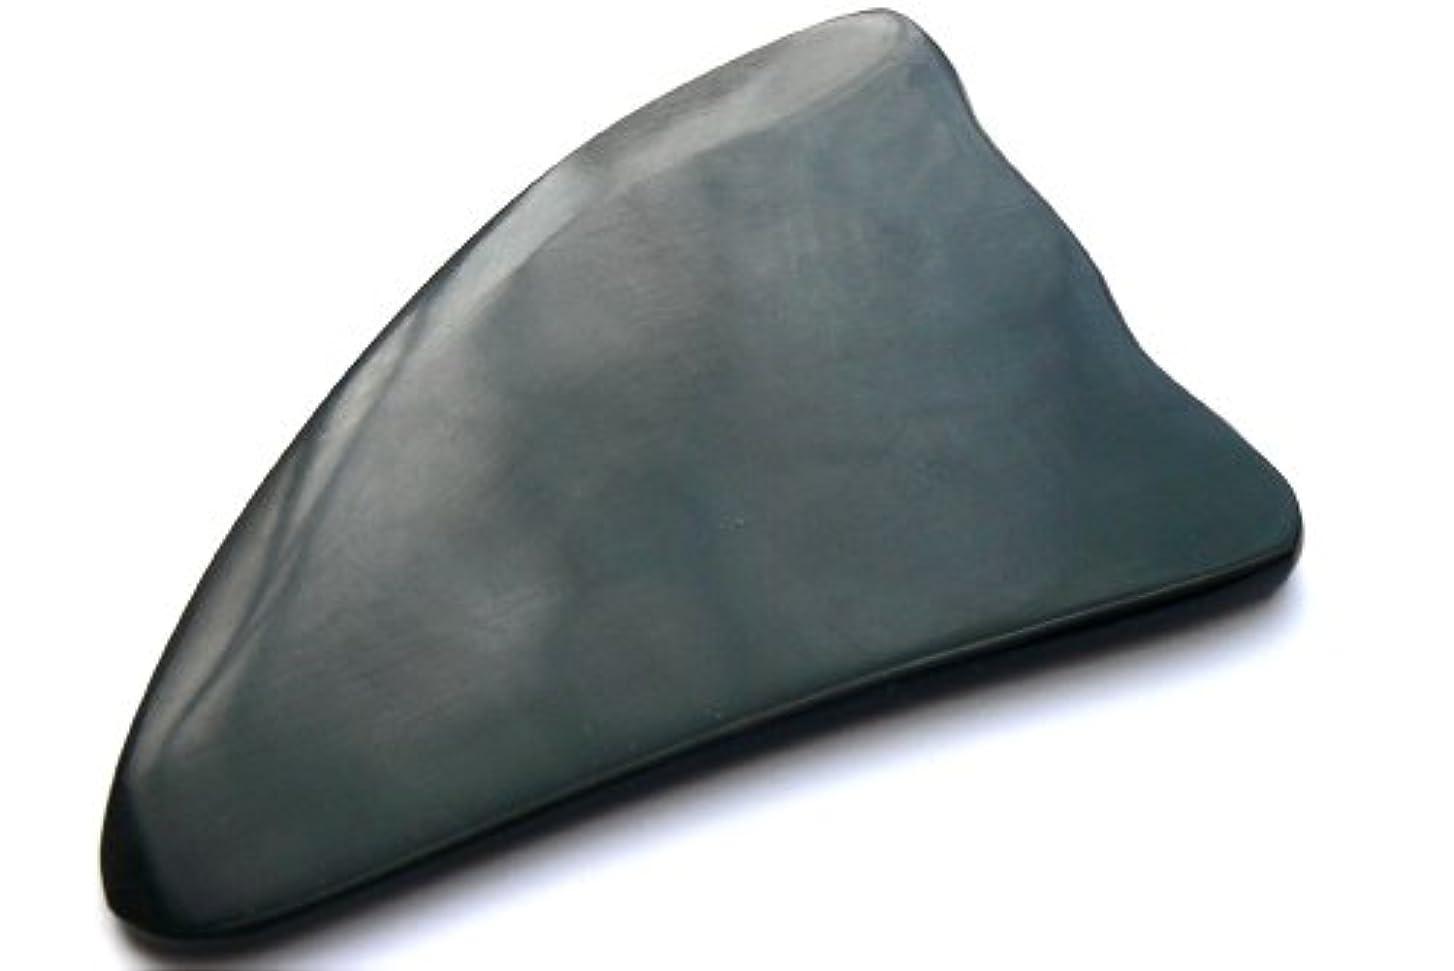 縁不和等価かっさ板、美容、刮莎板、グアシャ板,水牛角製